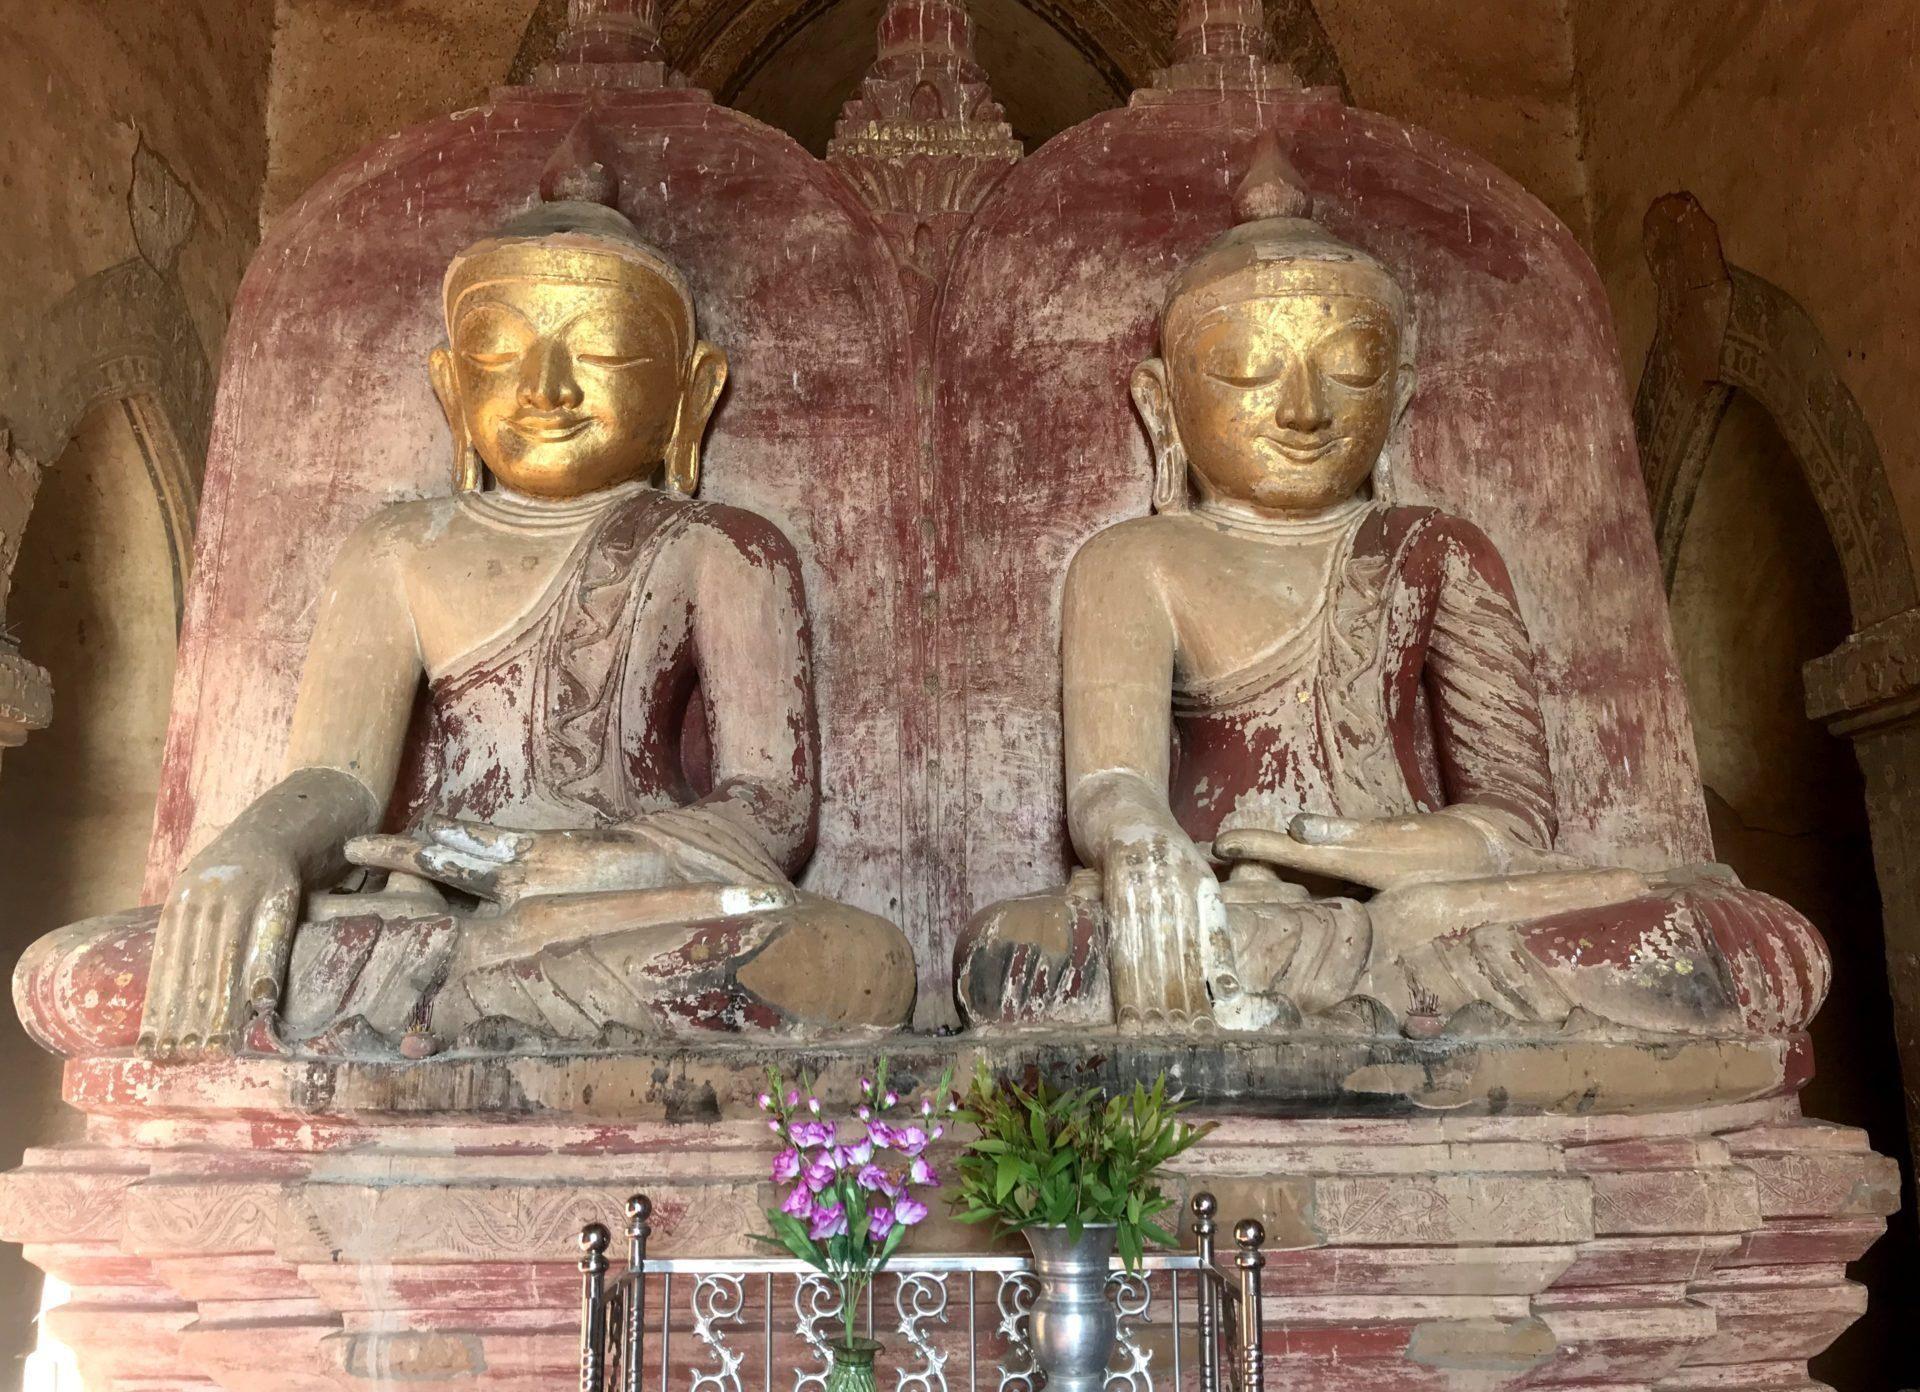 Budas de una de las salas